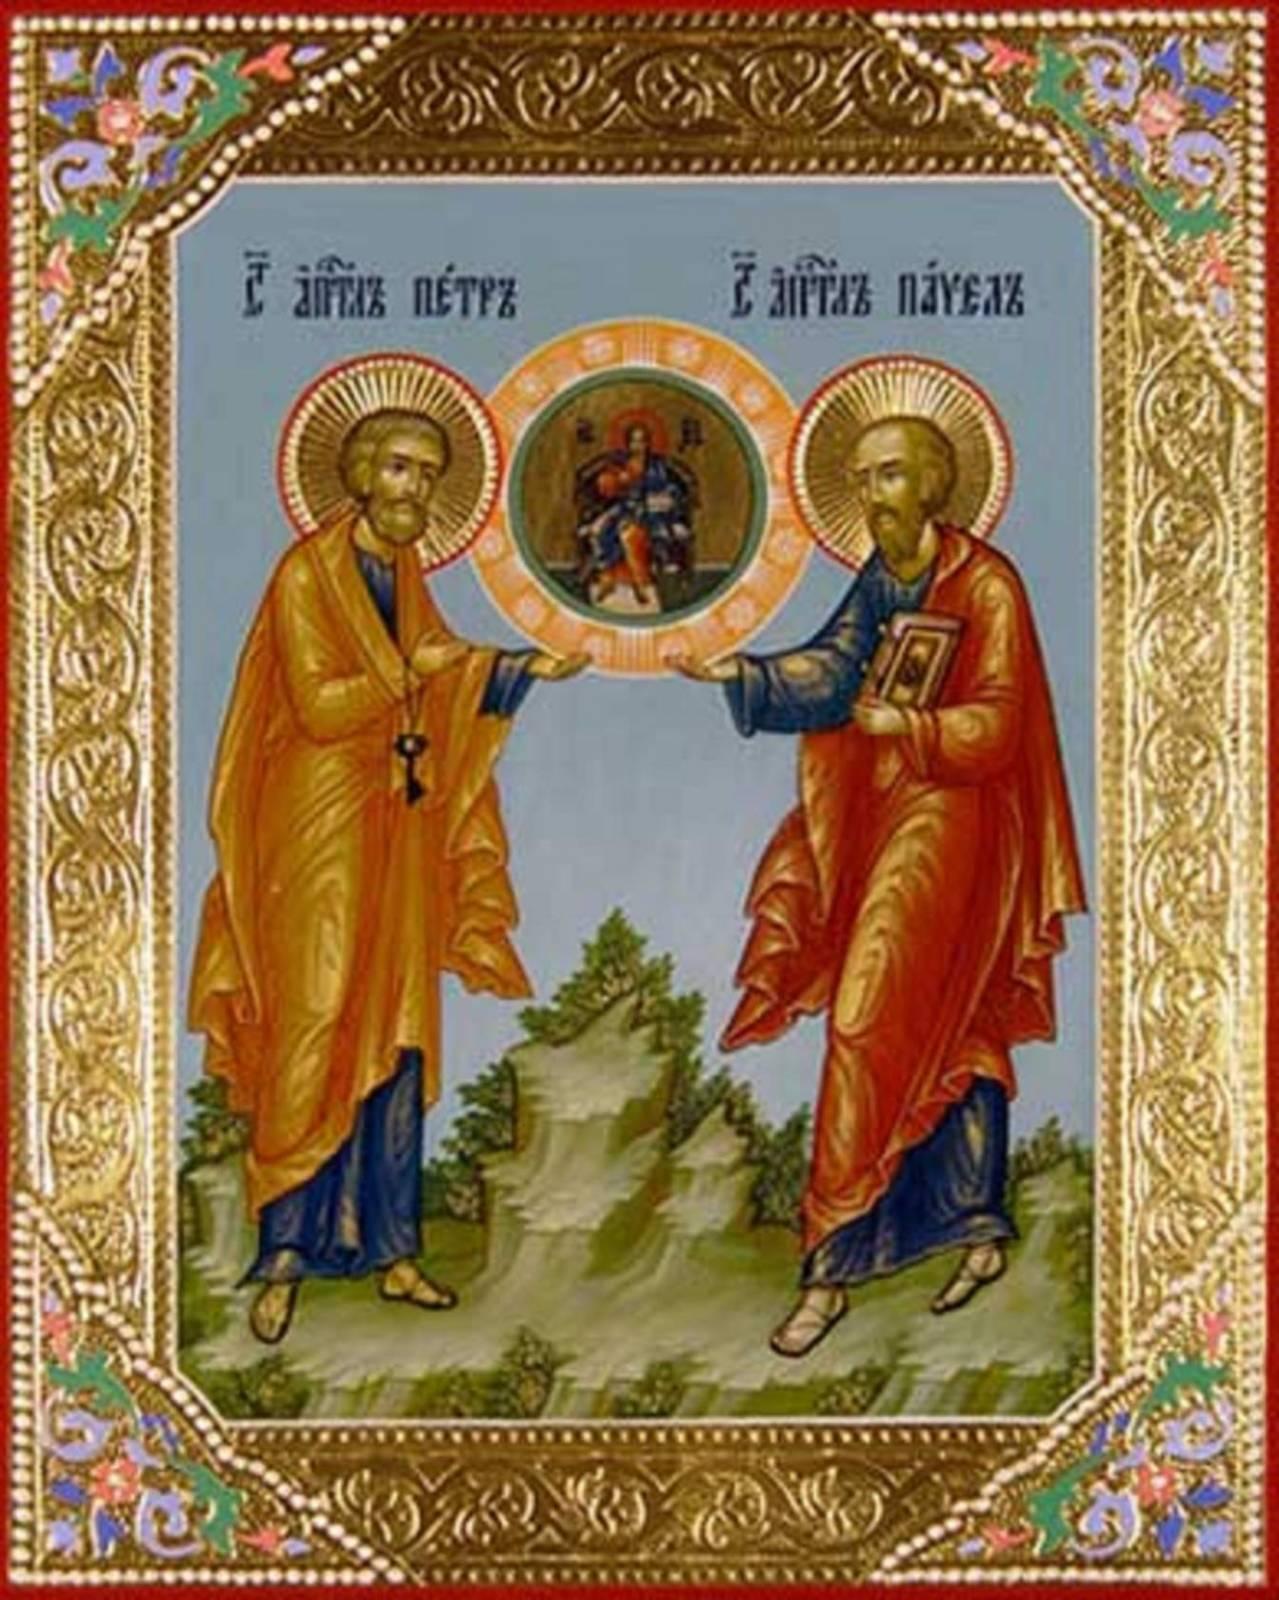 Поздравления с днем Петра и Павла 7